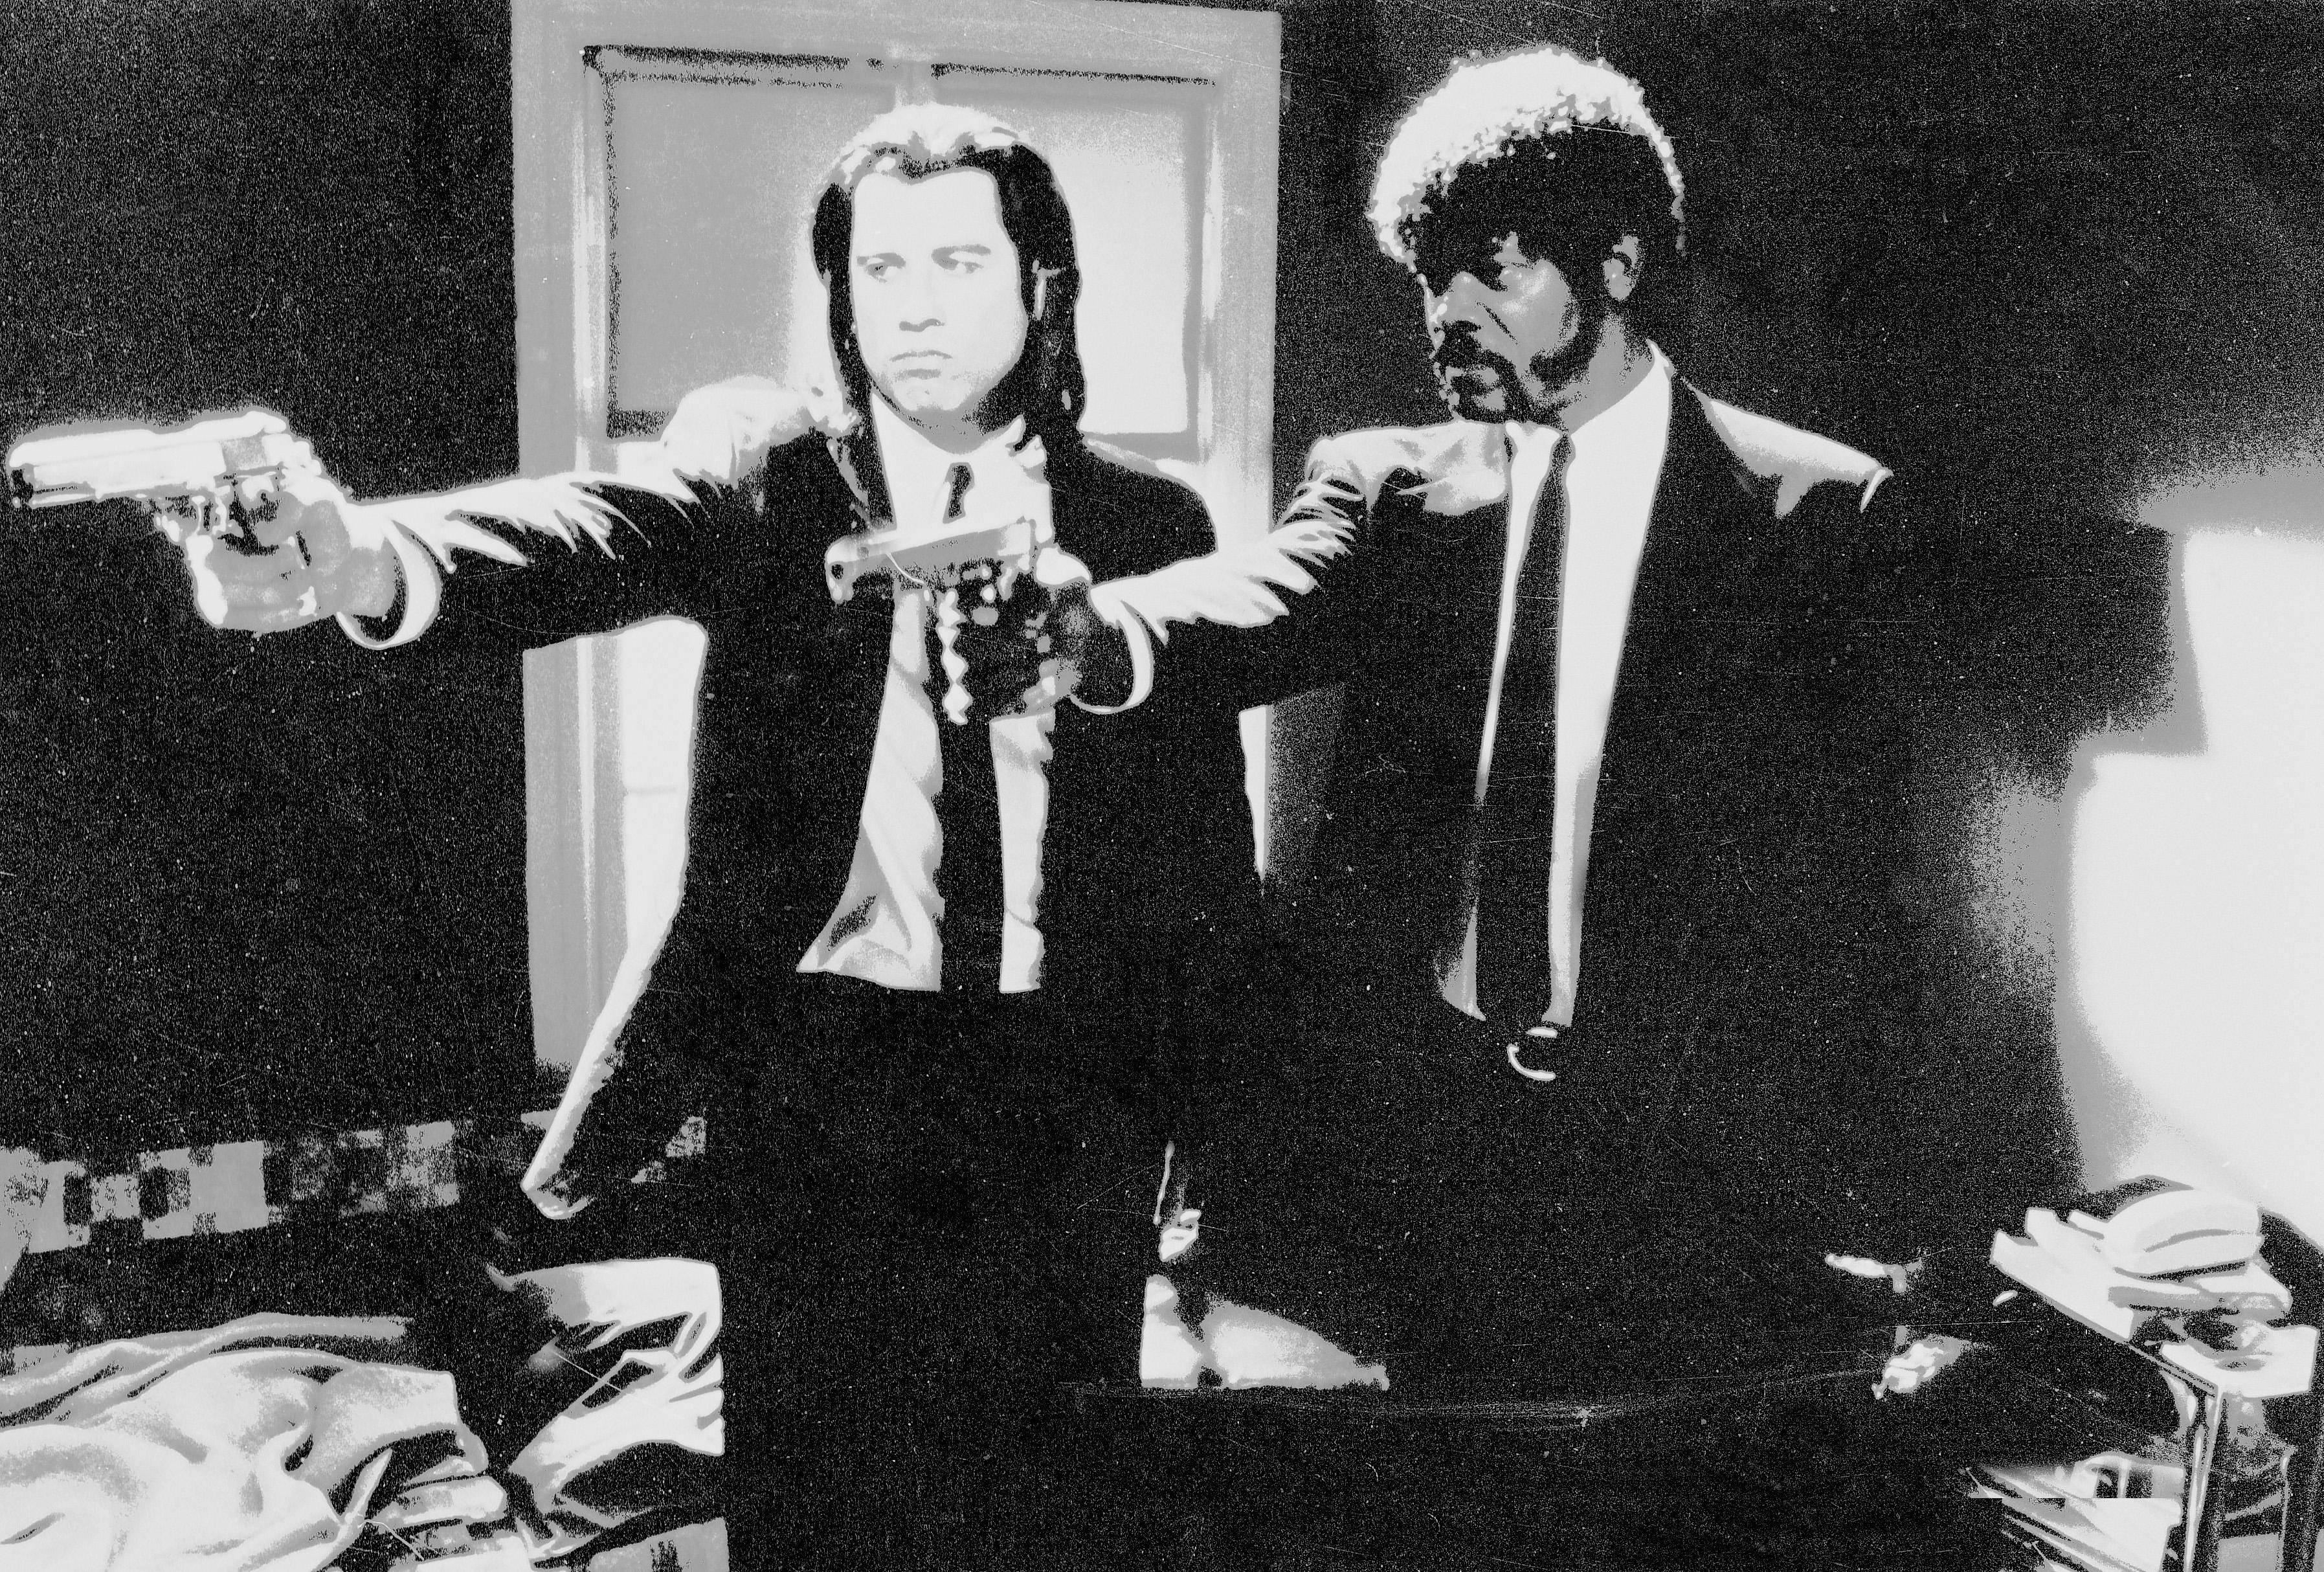 Quentin Tarantino setzte Massstäbe und schuf ein Subgenre, in dem sich viele Nachahmer tummelten. Die Story, aus mehreren gl